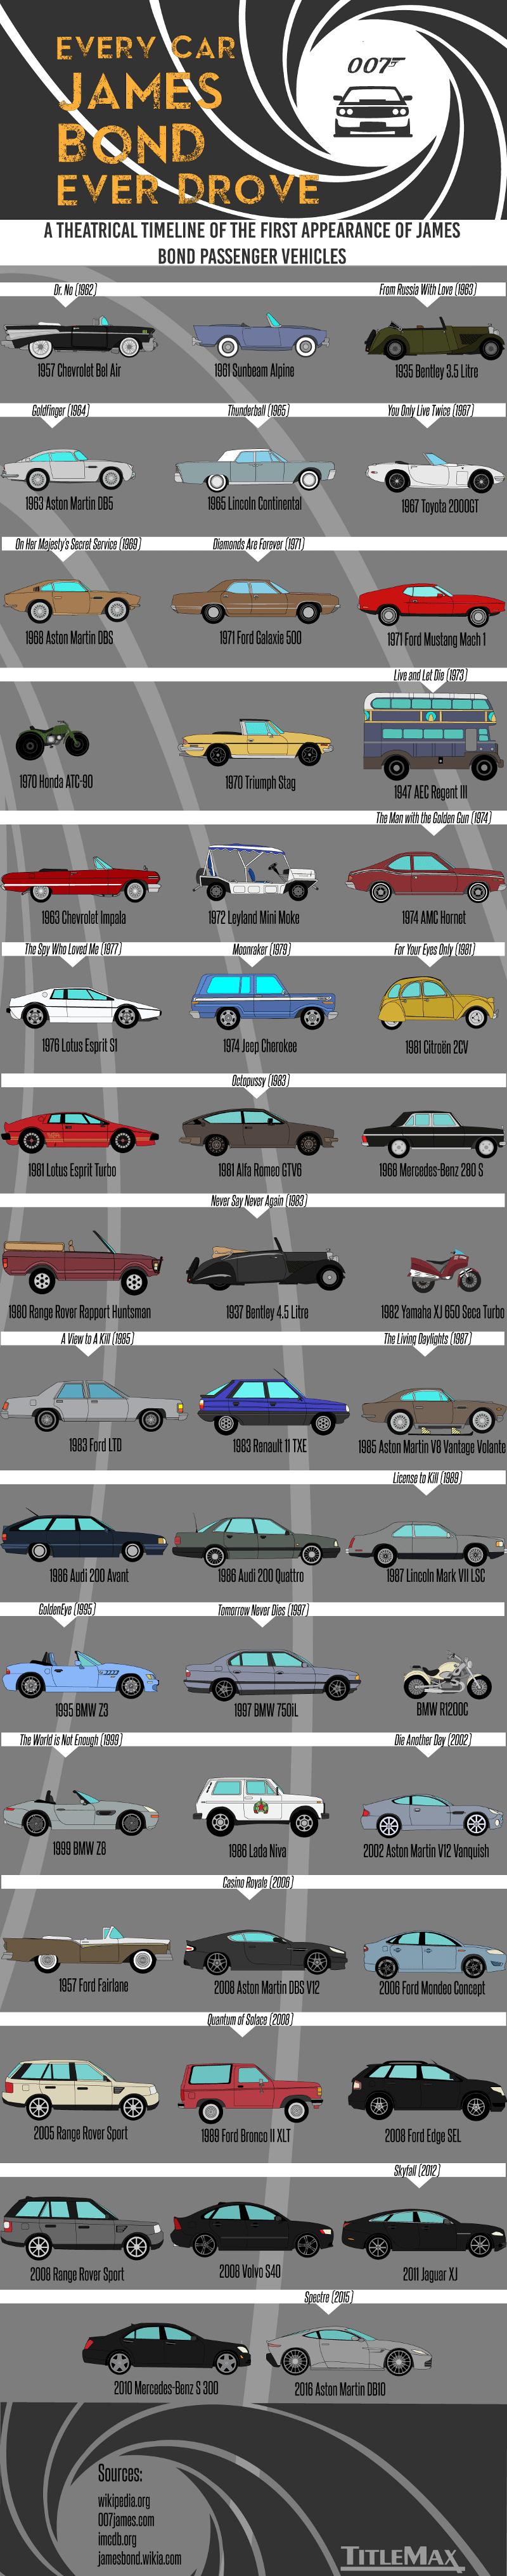 Every Car James Bond Ever Drove - Titlemax.com - Infographic